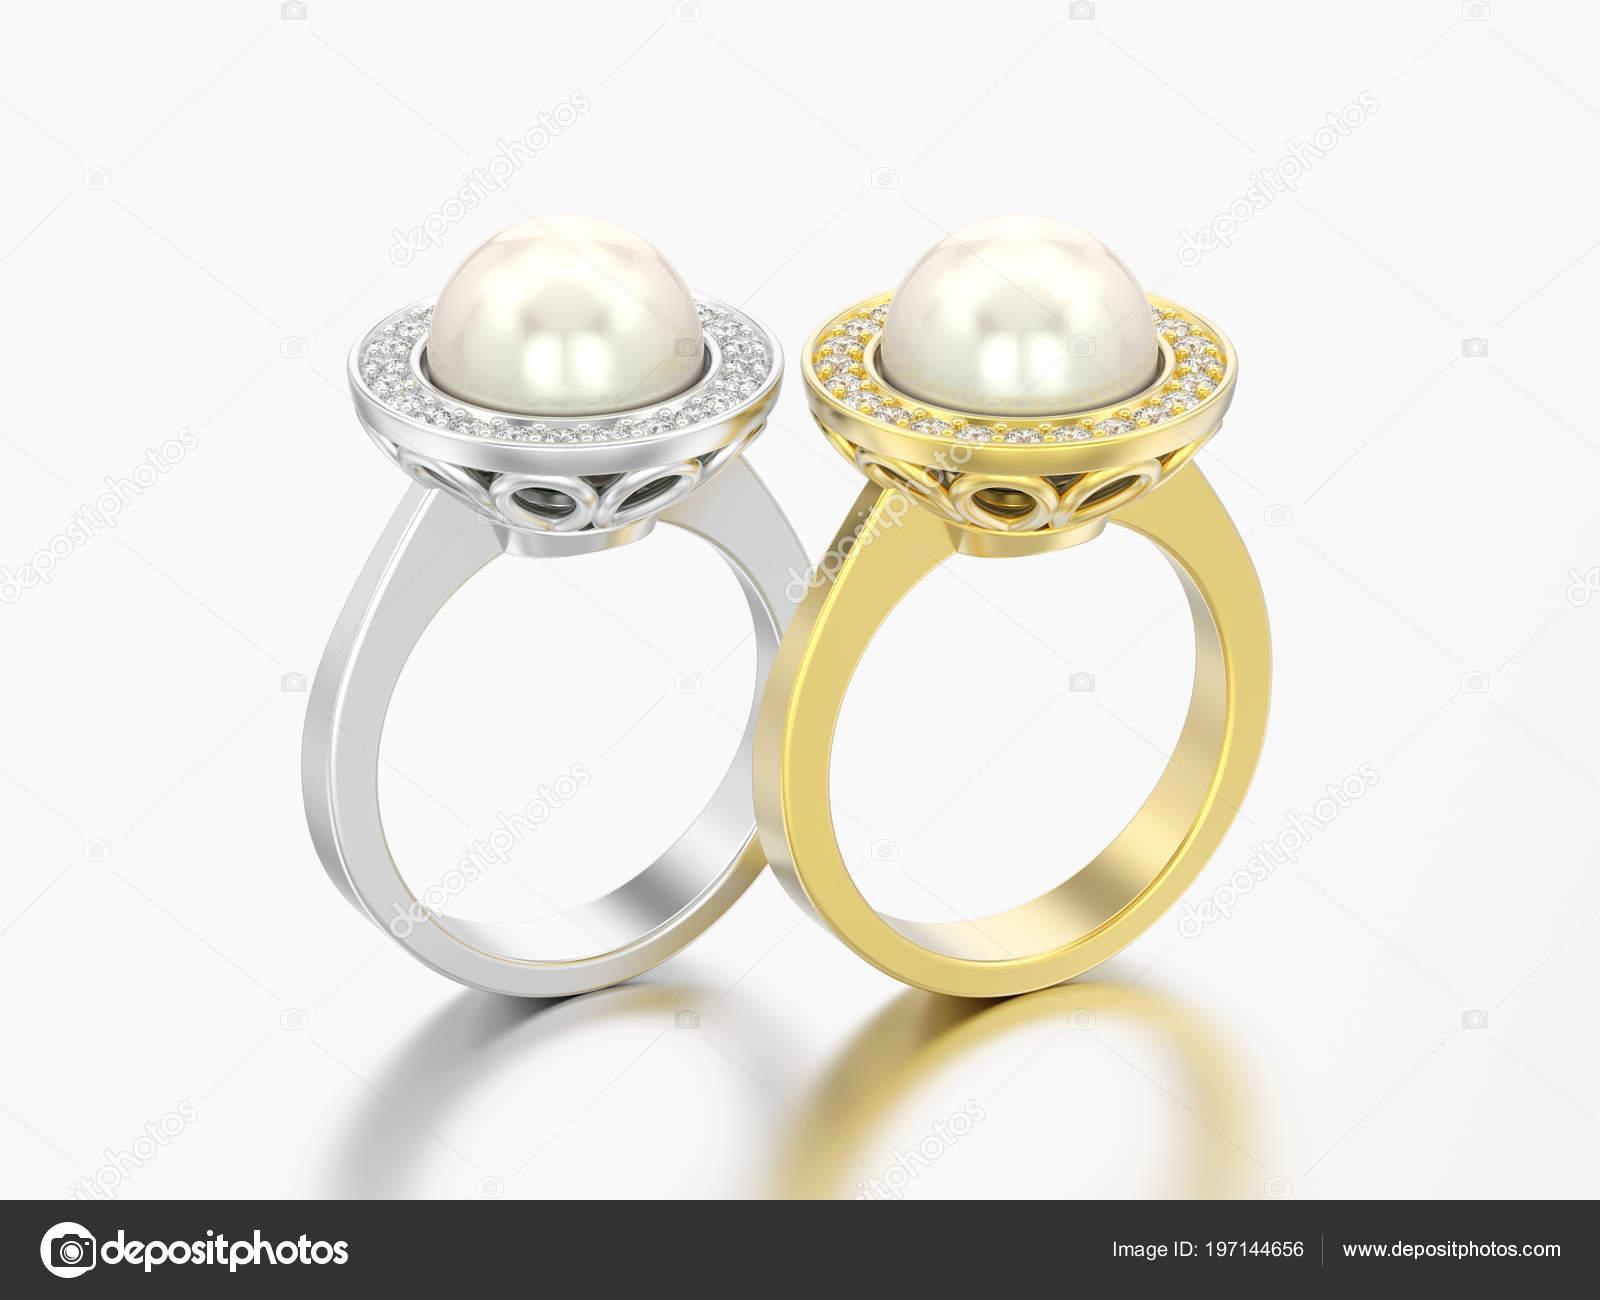 Obrazek Dve Zlate Stribrne Diamantove Zasnubni Snubni Prsteny Perlou